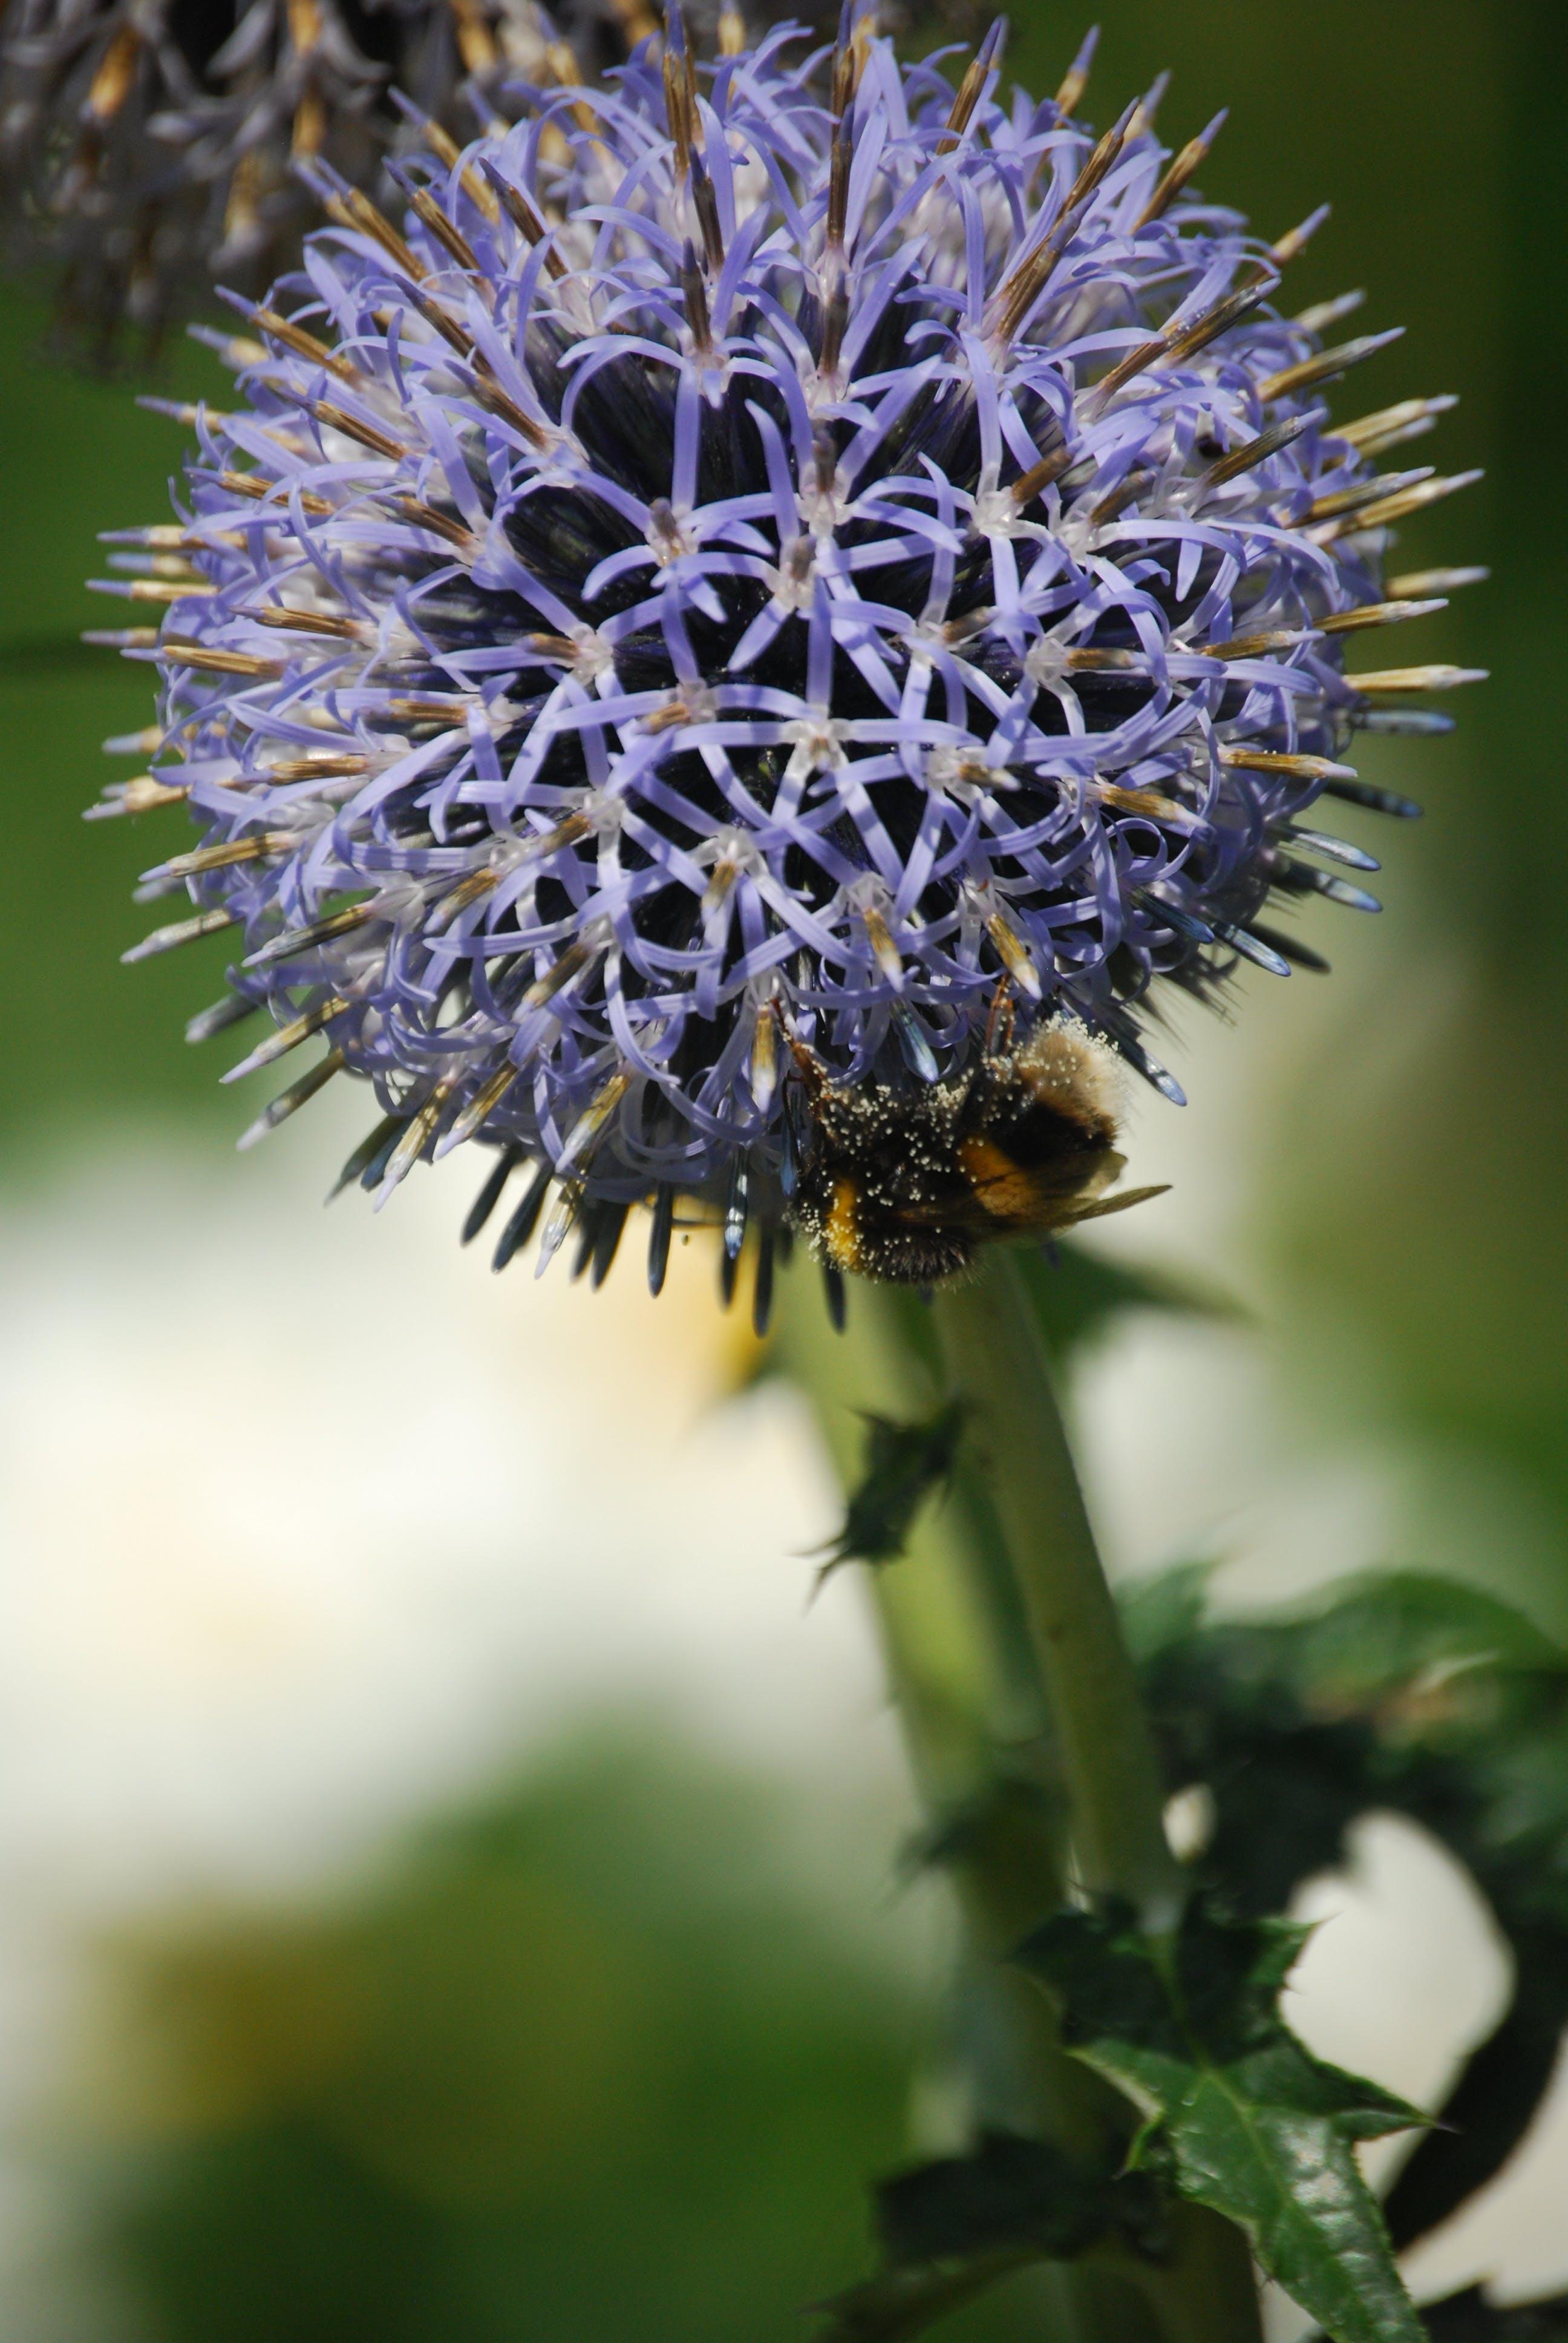 Macro Photo of Purple Round Cluster Flower in Bloom With Honeybee Underneath